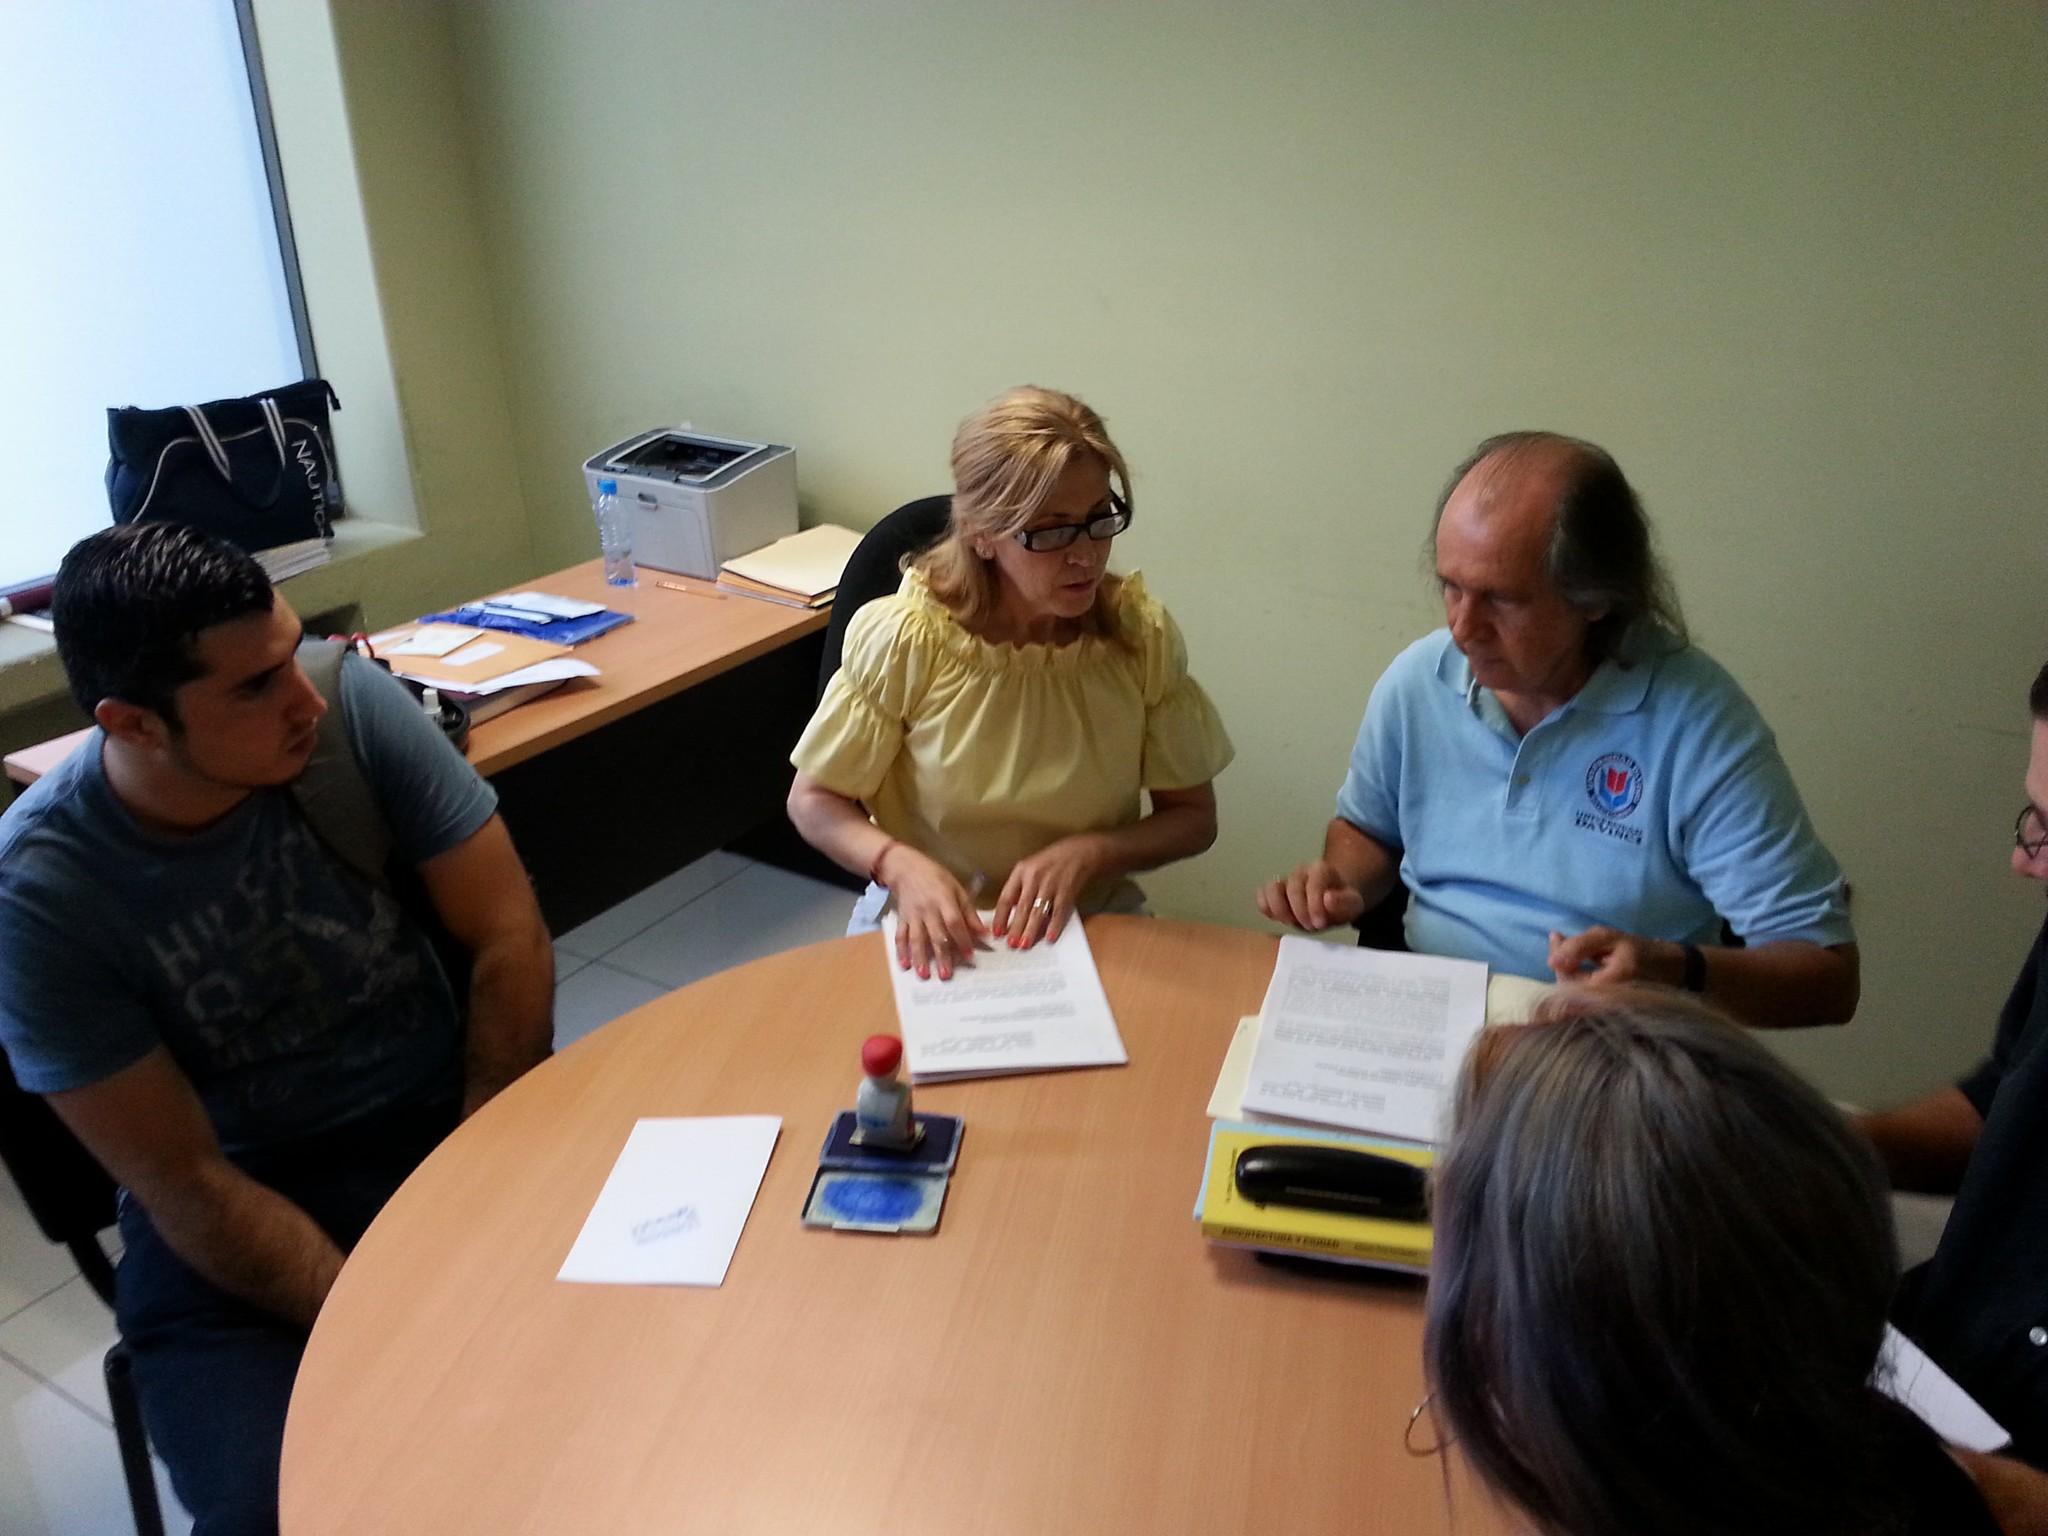 Miembros de diferentes grupos, reunidos para la petición de juicio político.Fotografía extraída de Culiacán sin chanchuy